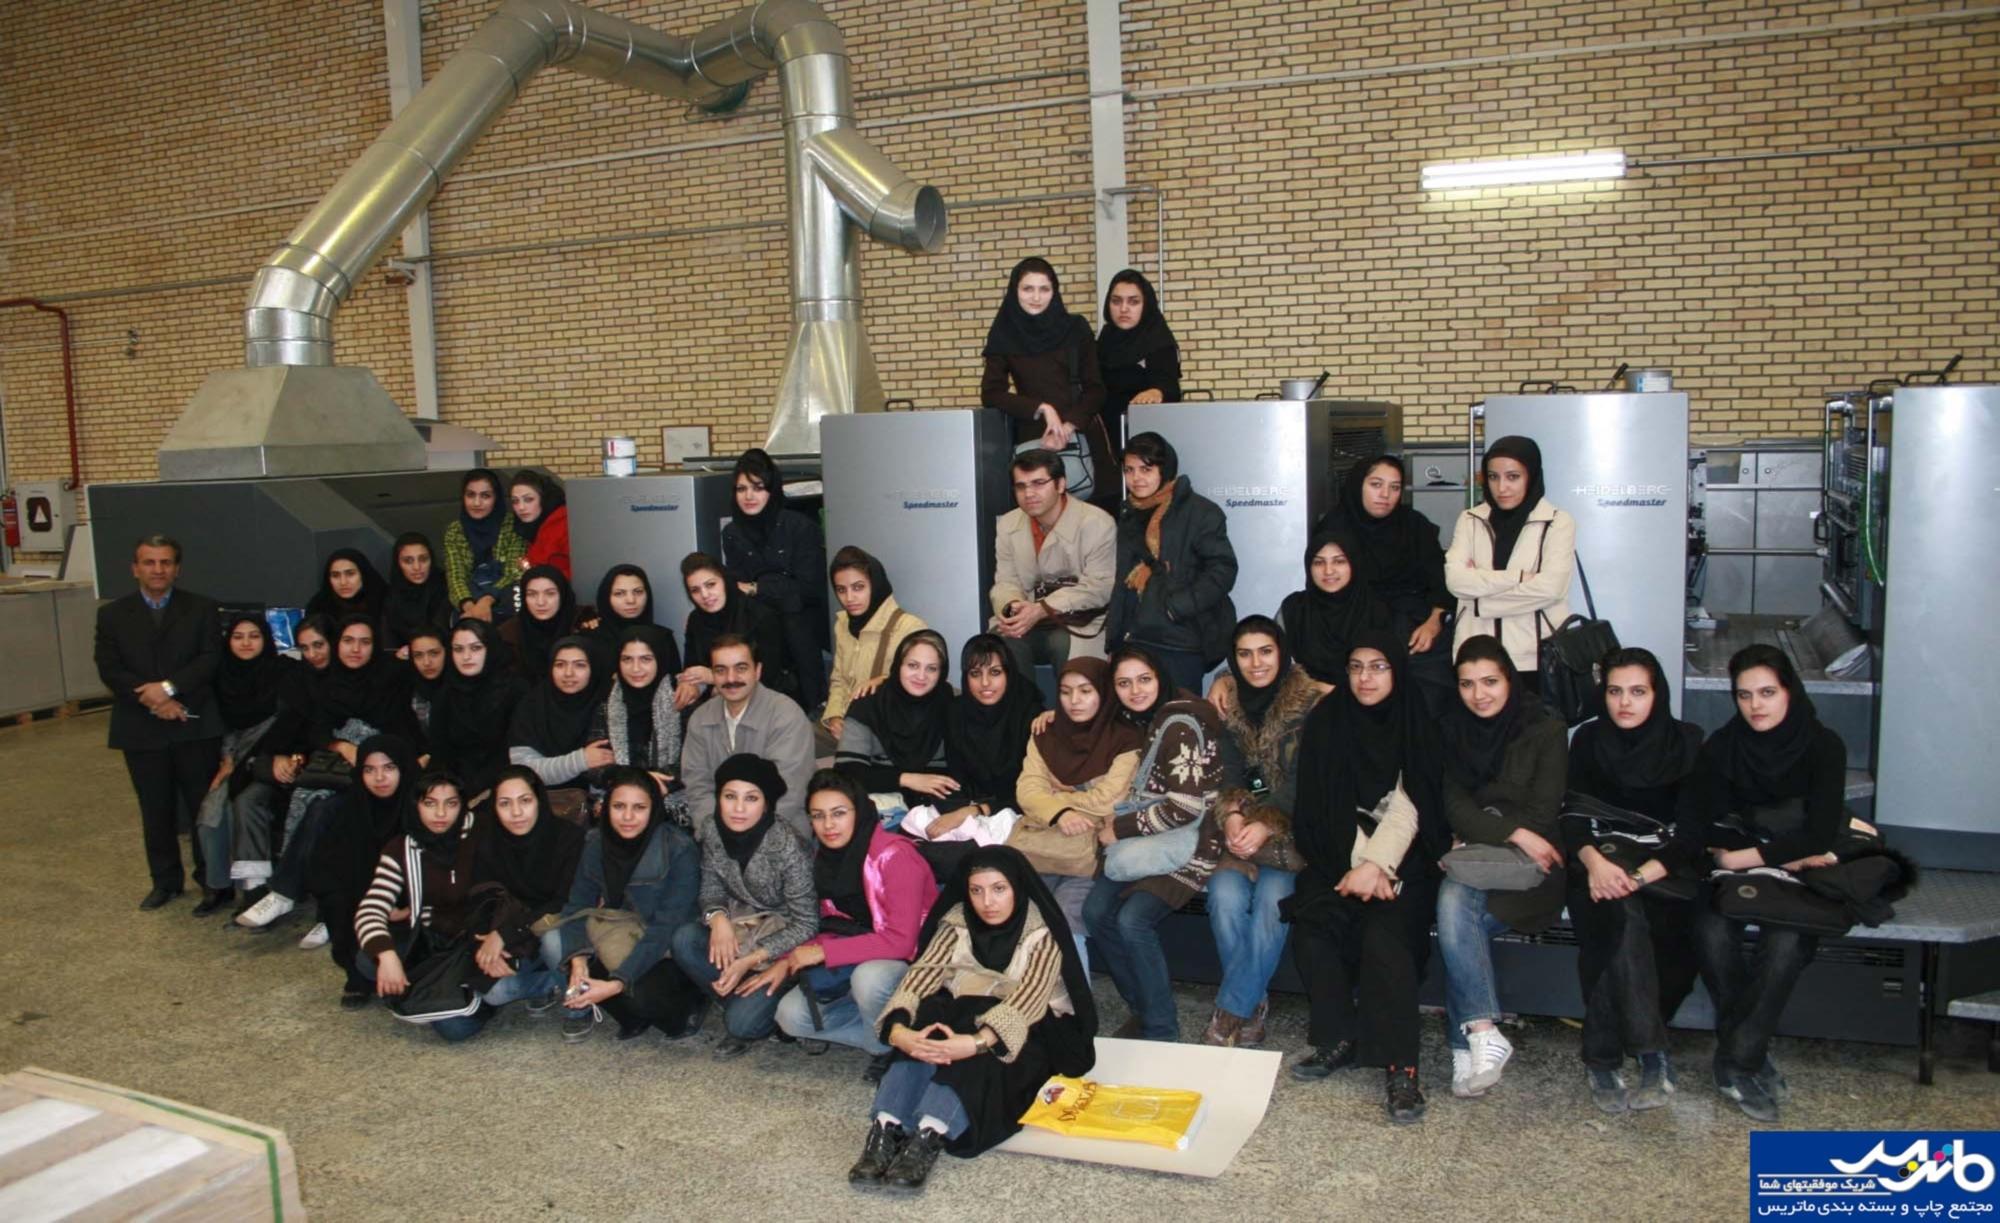 جمعی از دانشجویان دانشگاه زرین شهر-زمستان 1389